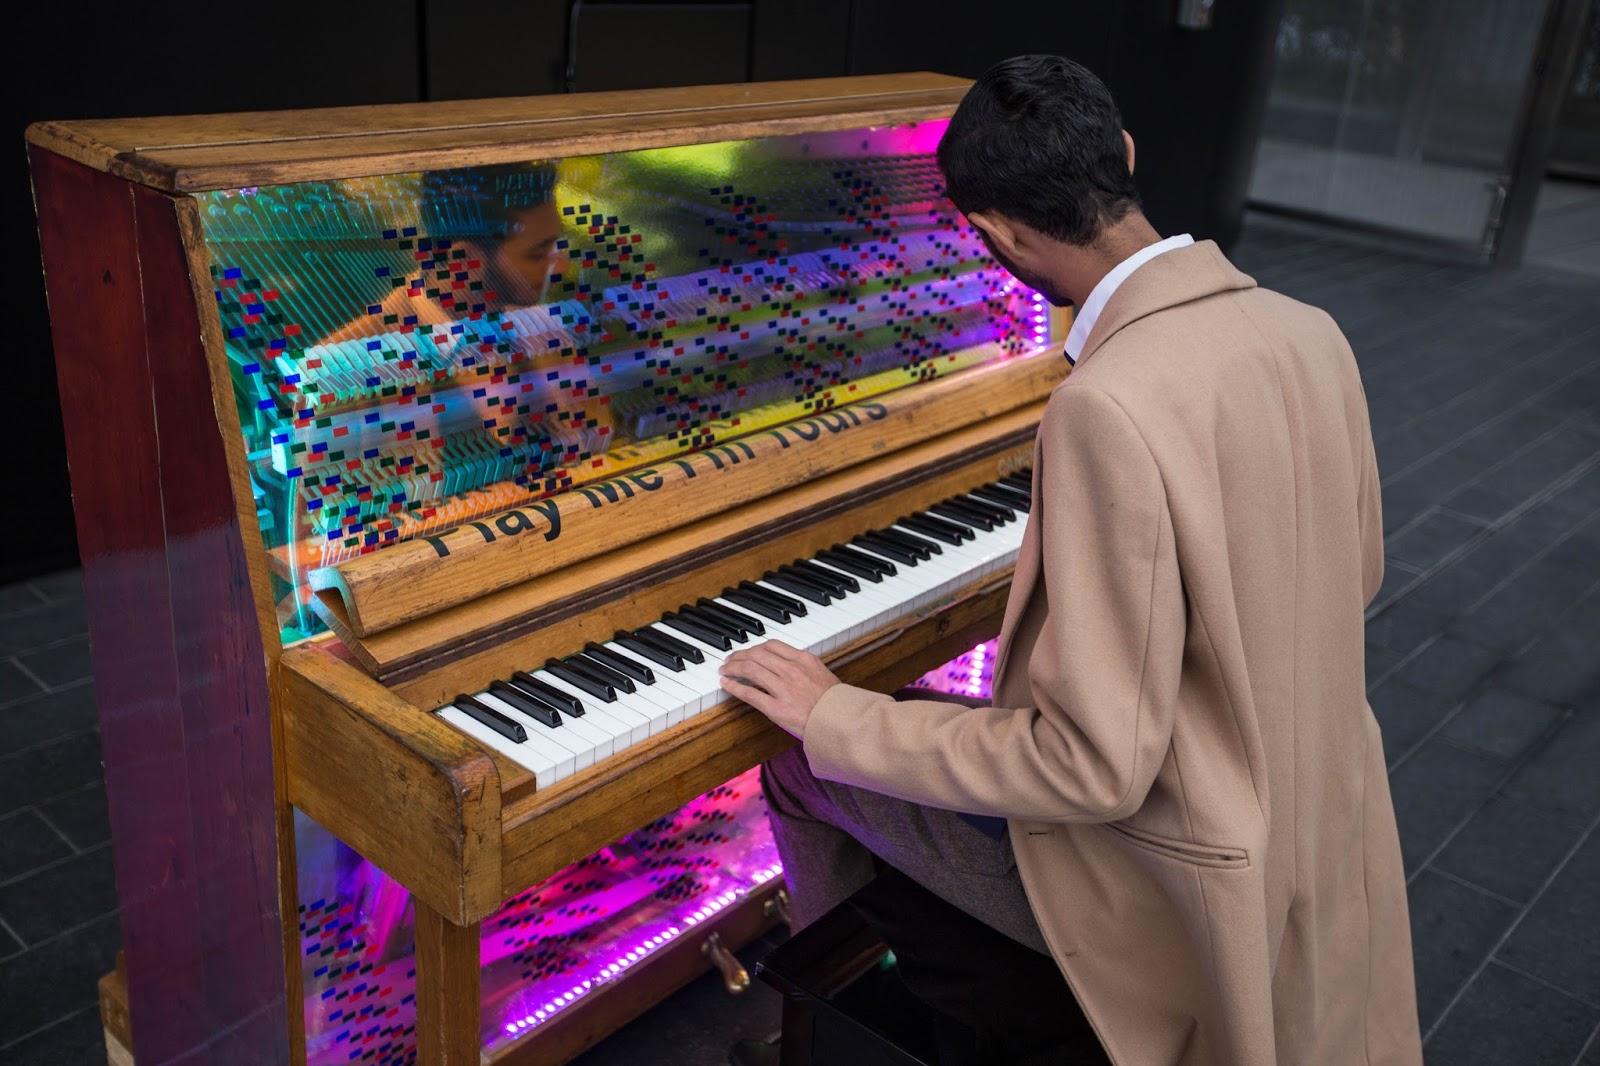 Salman Dean Canary Wharf Piano